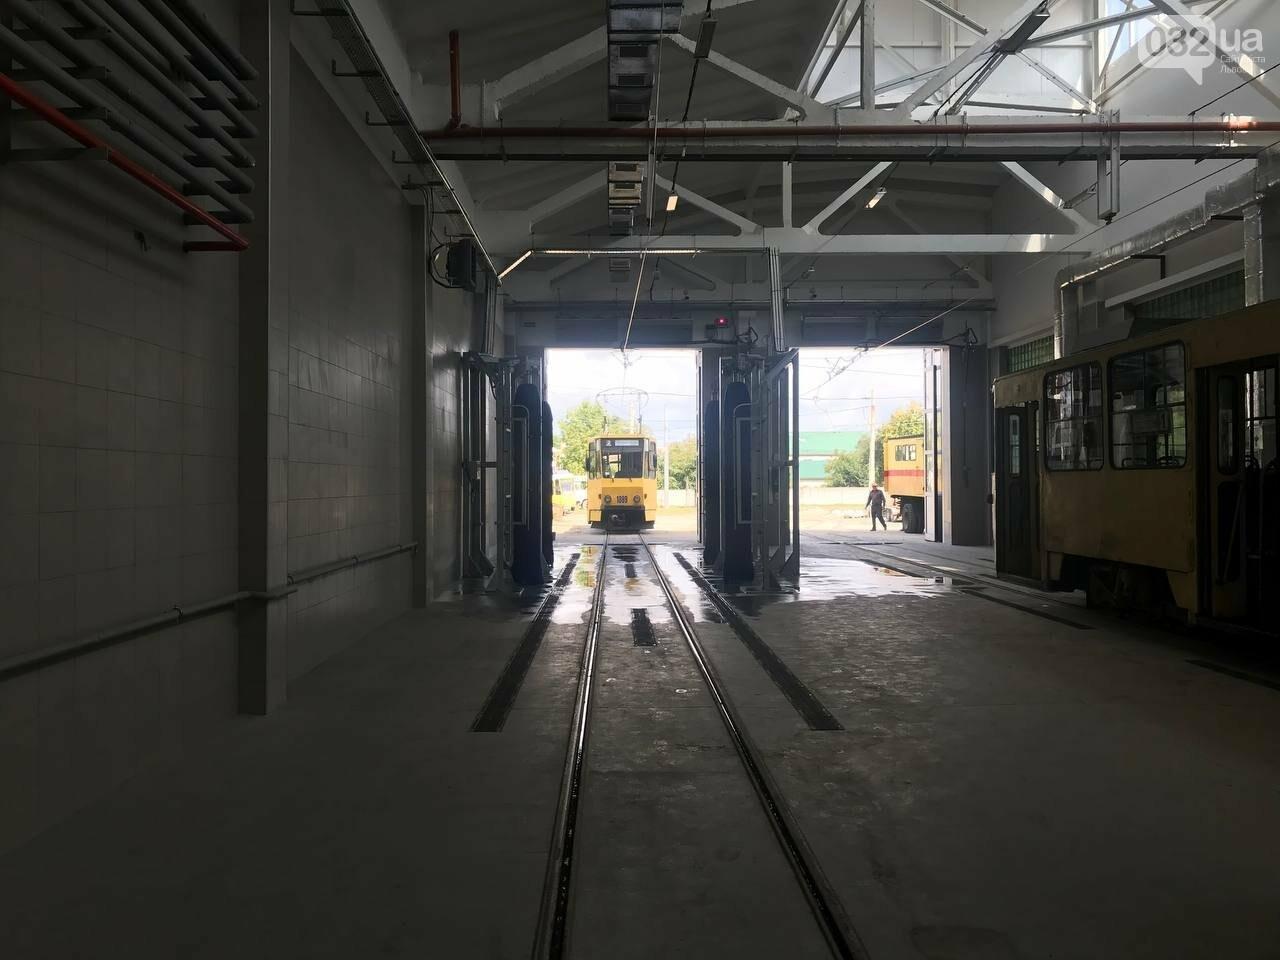 Як виглядає оновлене трамвайне депо на Промисловій, - ФОТО, ВІДЕО, фото-10